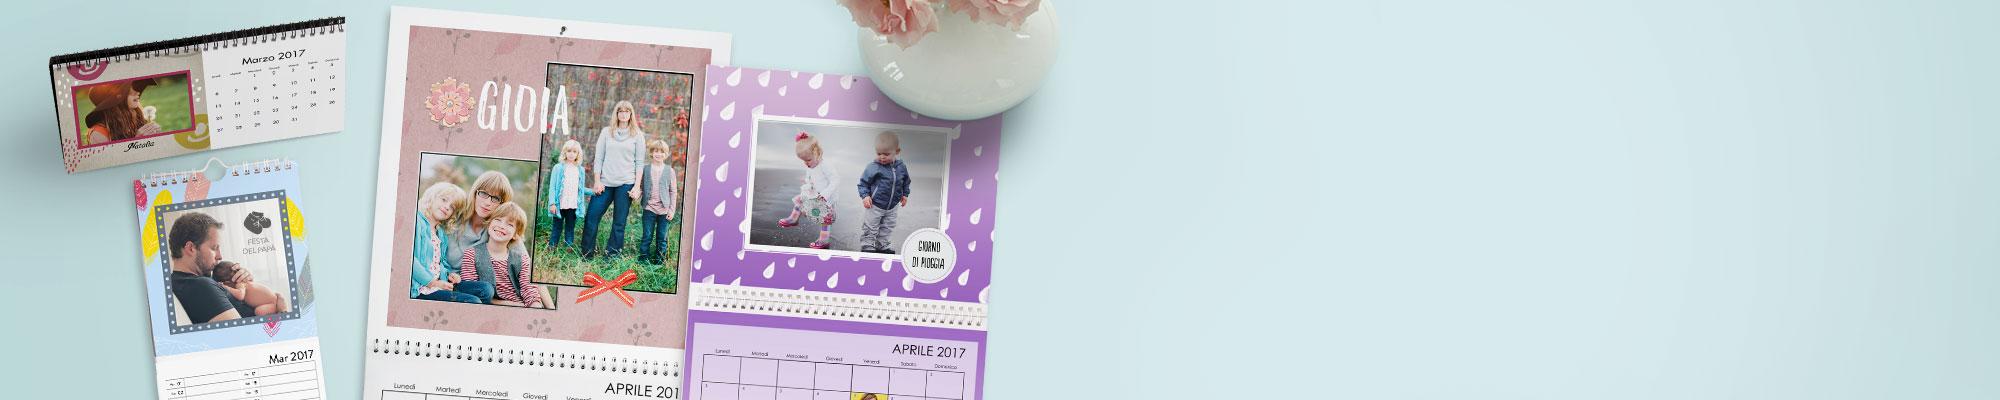 Foto Calendari Personalizzati 365 giorni delle tue foto preferite, personalizzate con testi, disegni e sfondi.